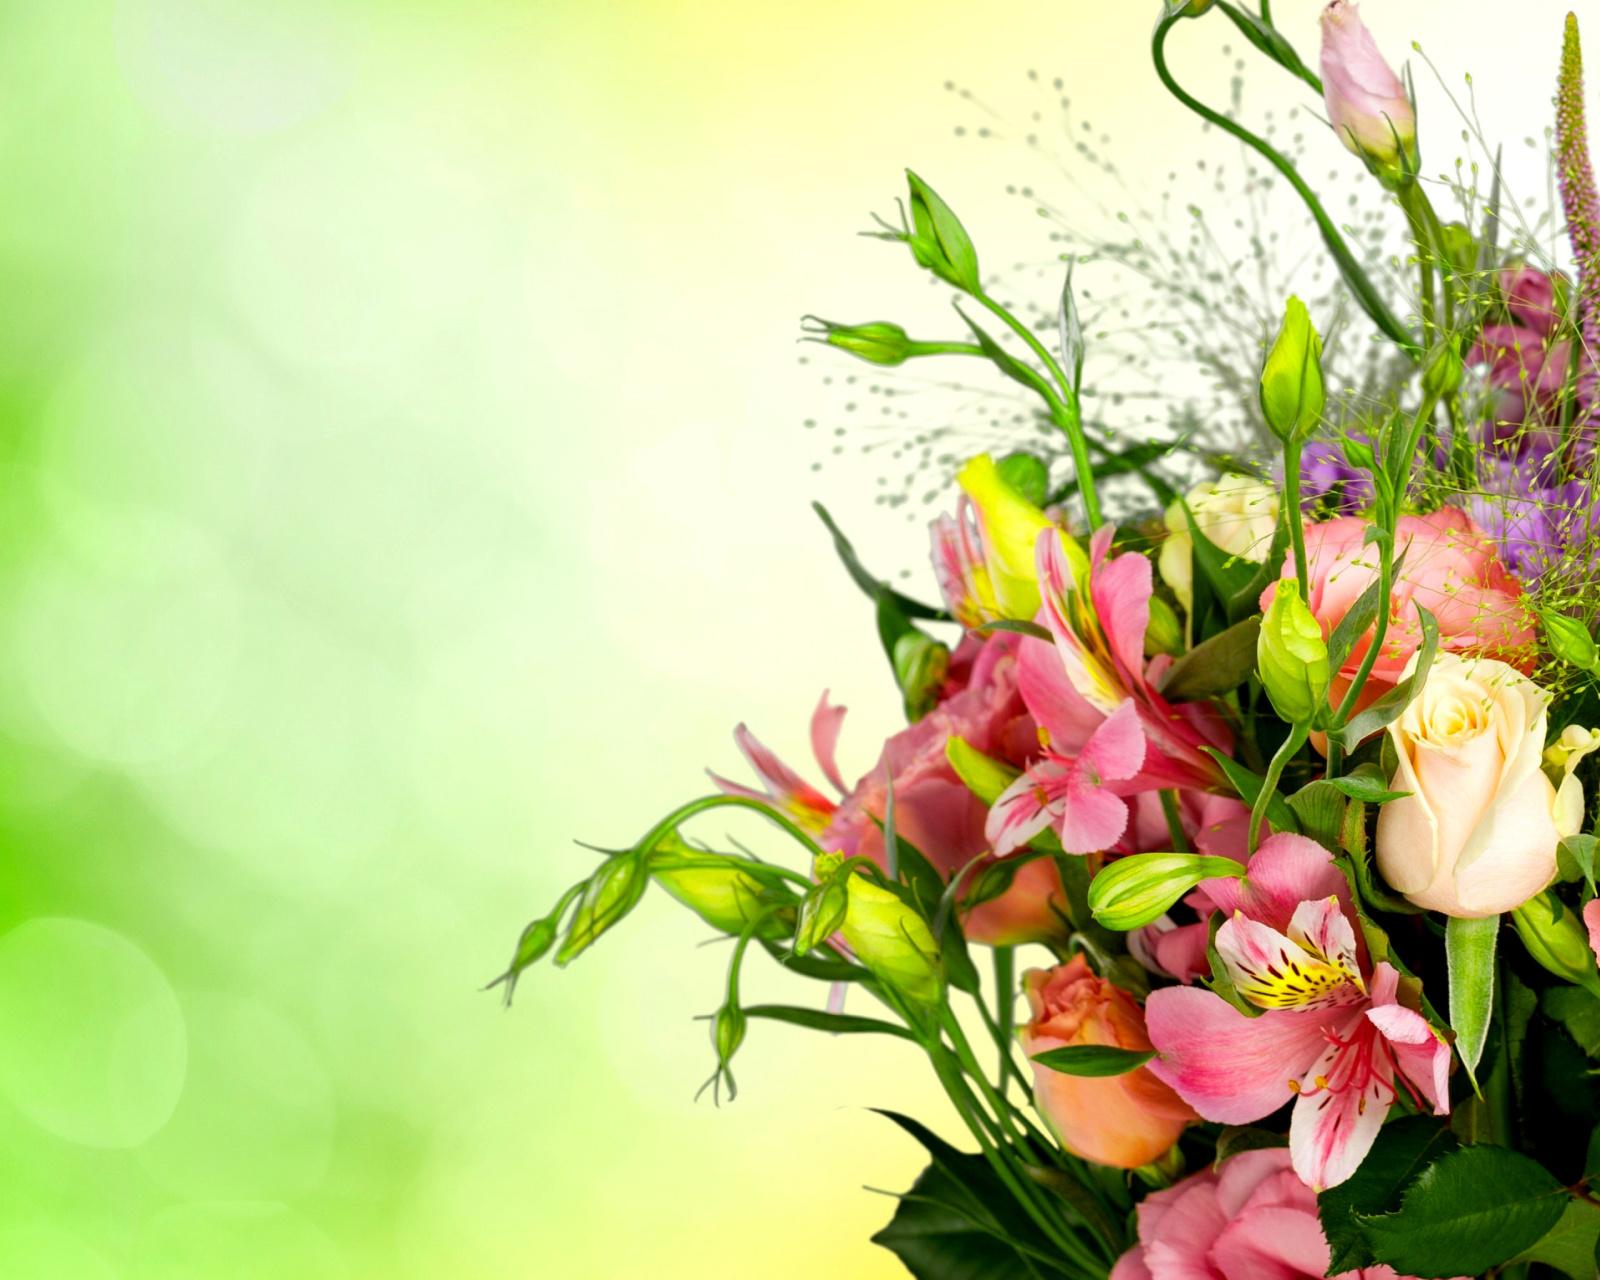 Красивые слова на открытку для цветов, легким